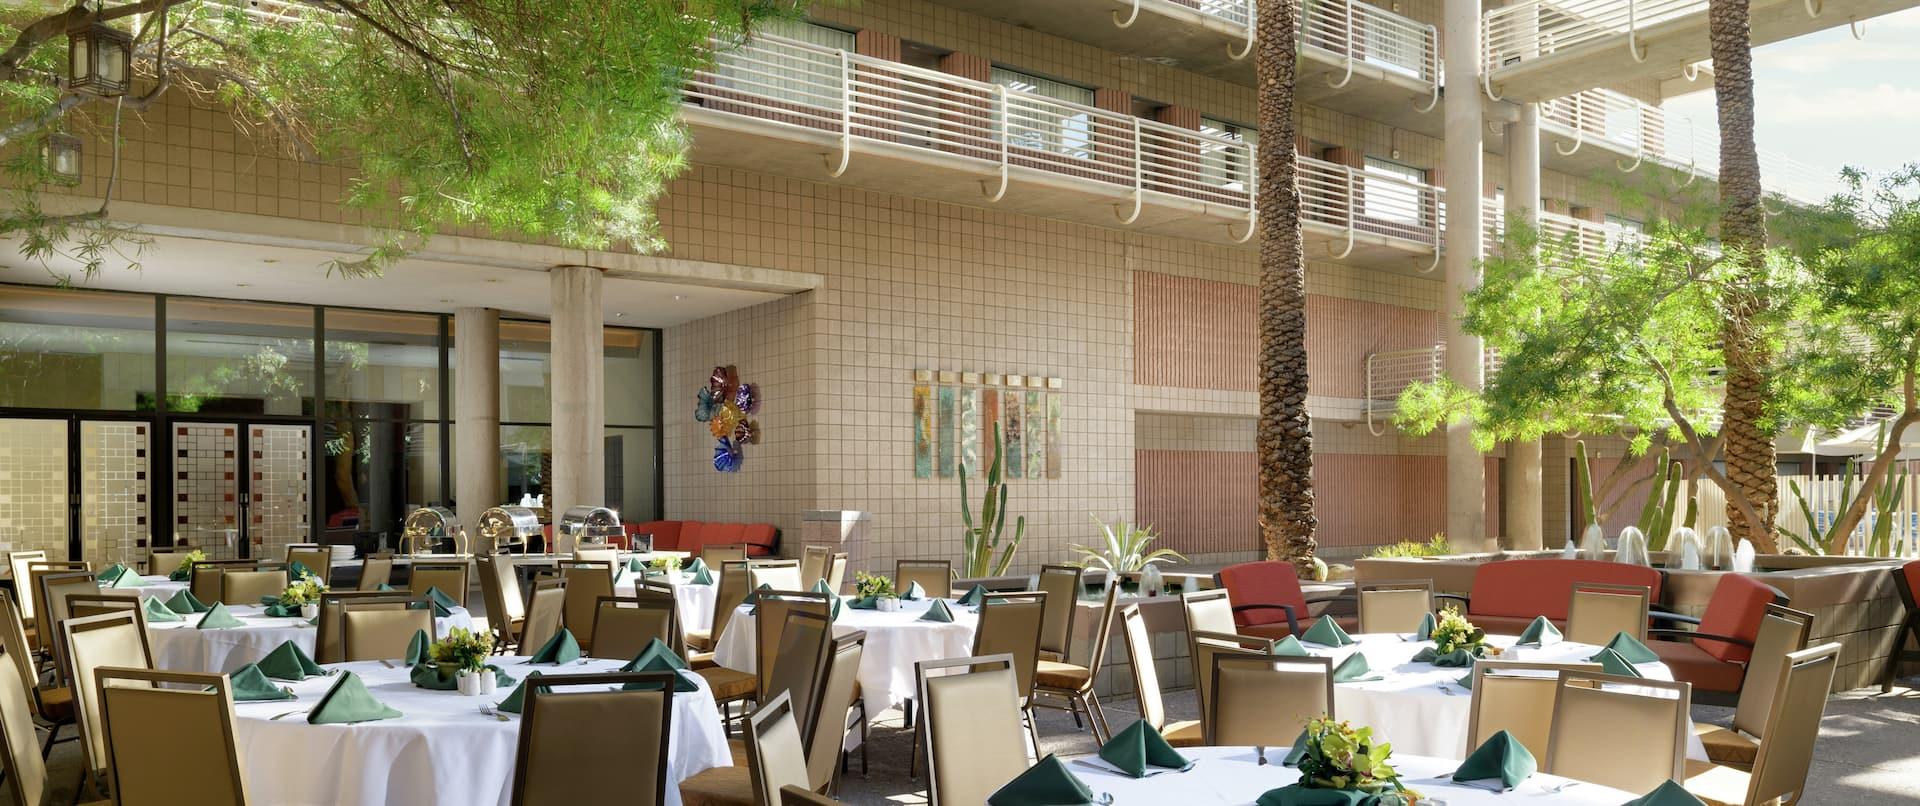 Hotel Outdoor Meeting Area